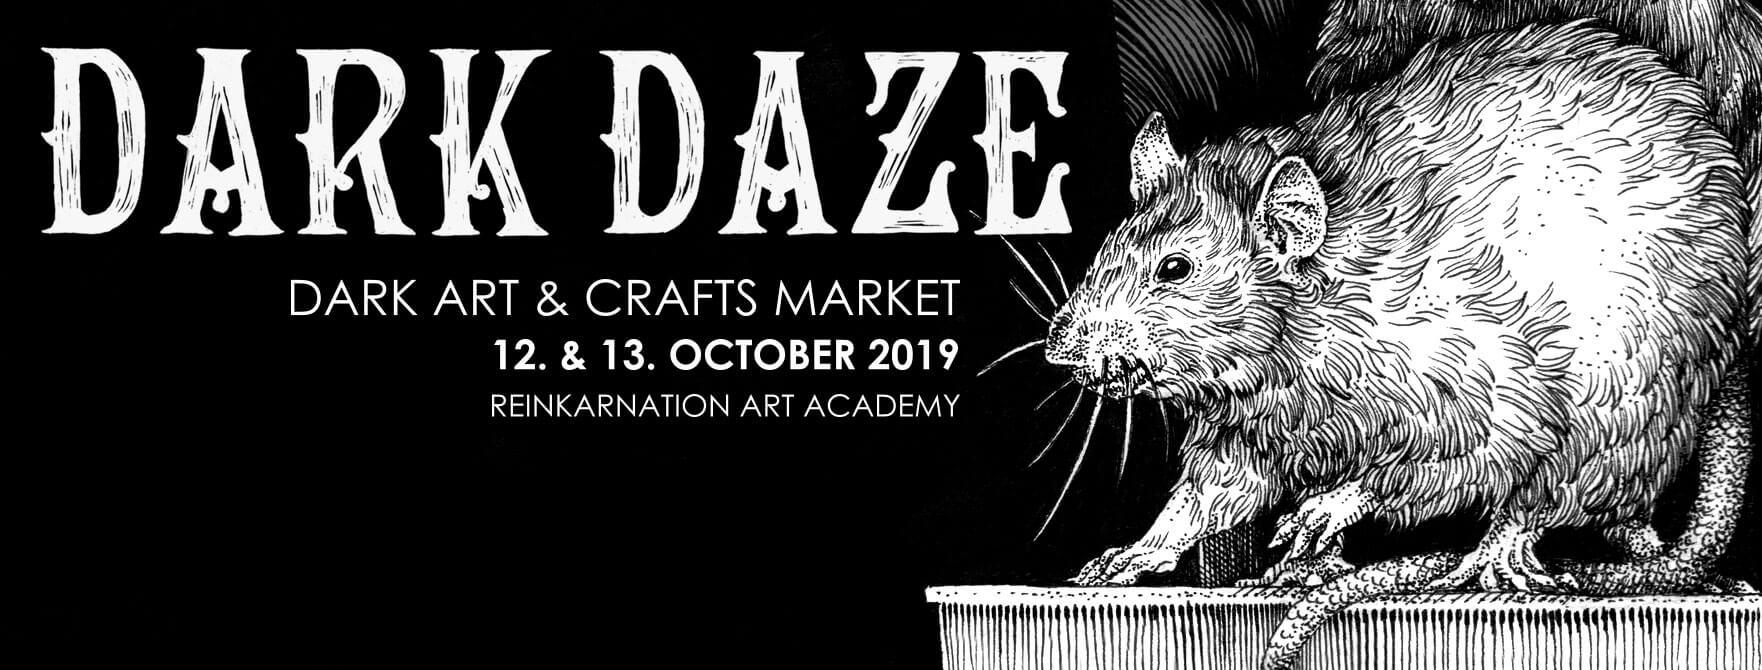 Dark-Daze_Facebook-TItelbild-optimiert für Profilbild